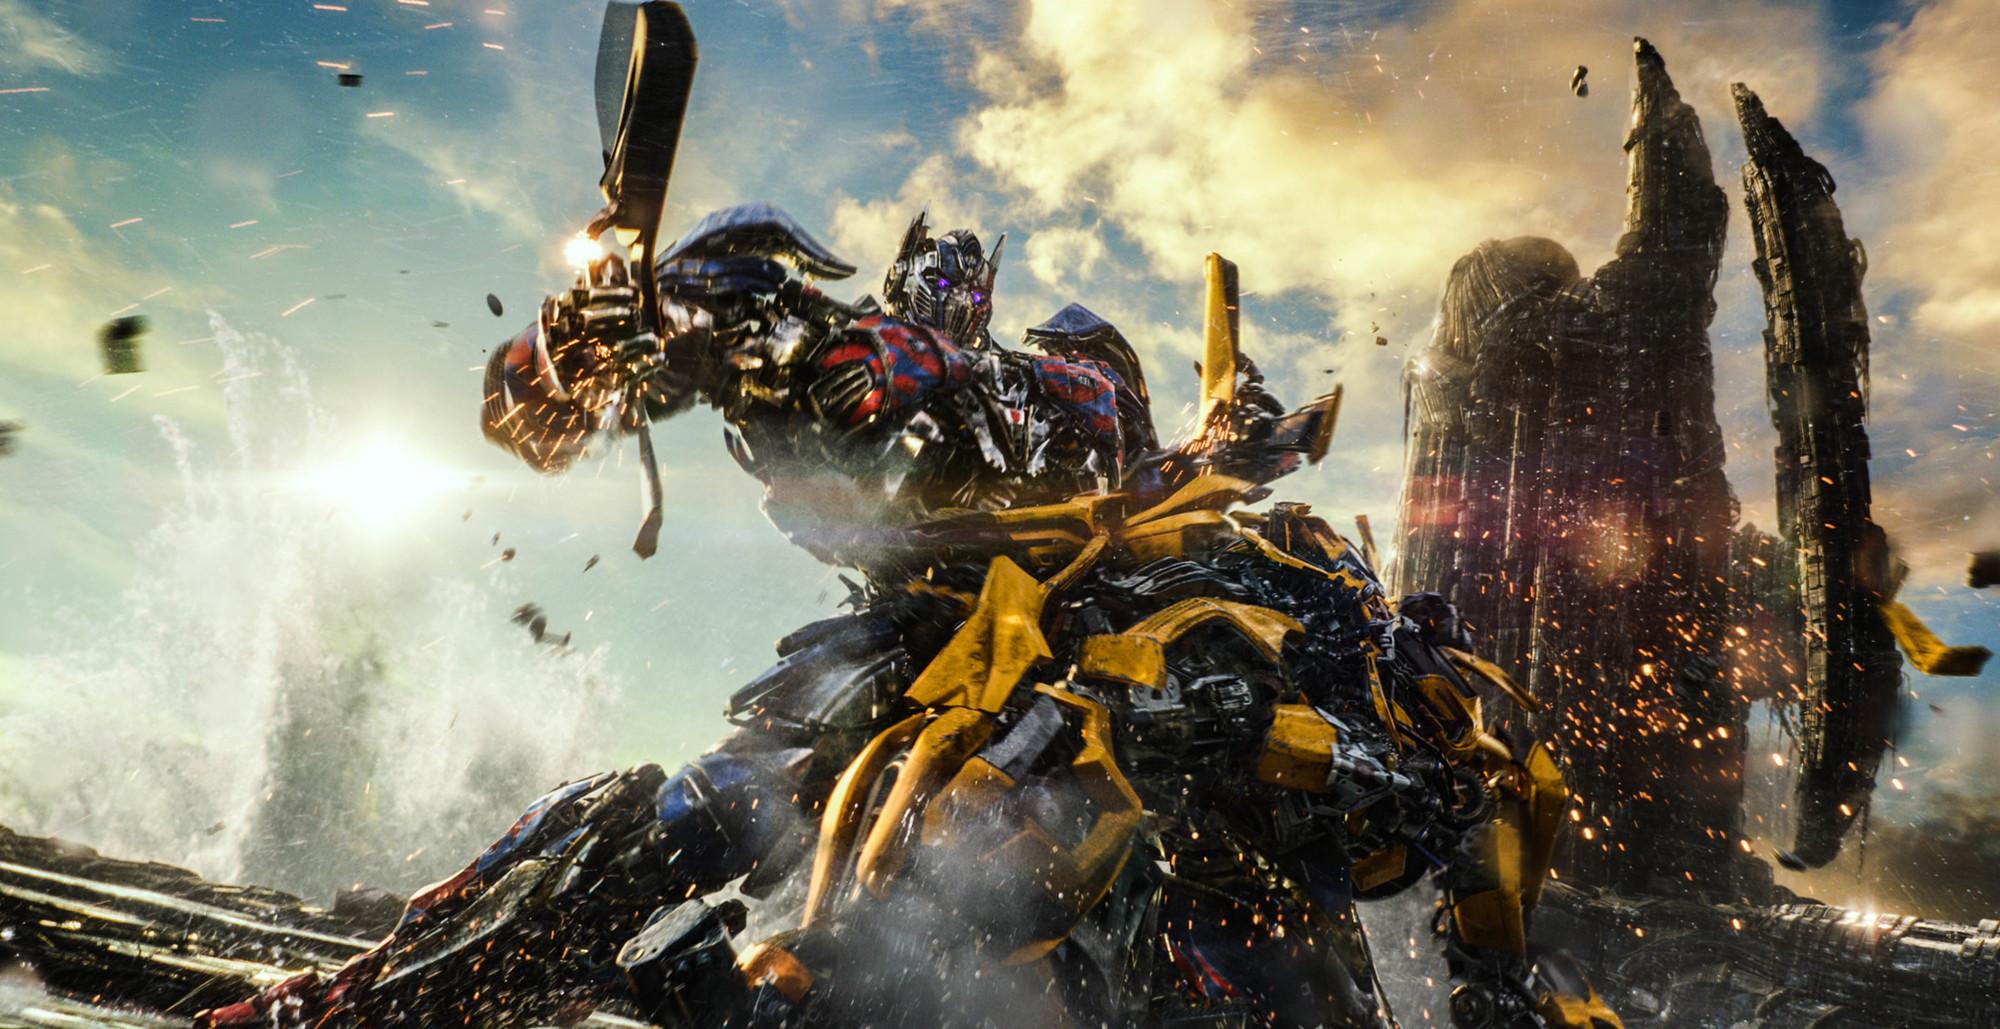 Transformers: Poslední rytíř - Pracuje se na pokračování | Fandíme filmu